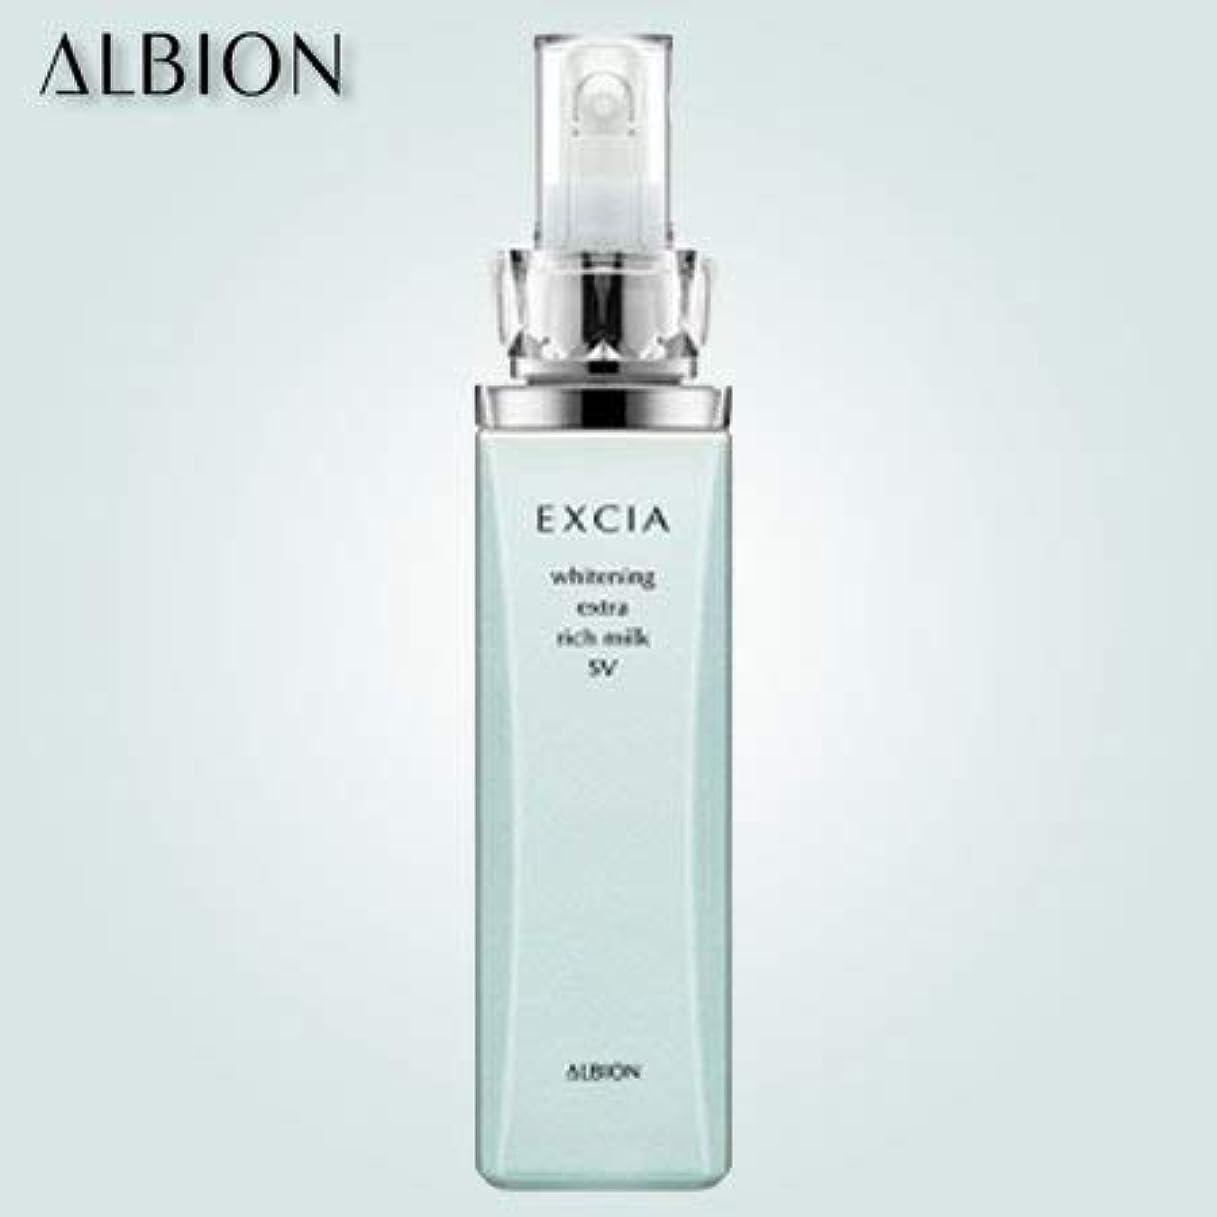 特徴づける信仰しなやかなアルビオン エクシアAL ホワイトニング エクストラリッチミルク SV(ノーマル~ドライスキン用)200g-ALBION-